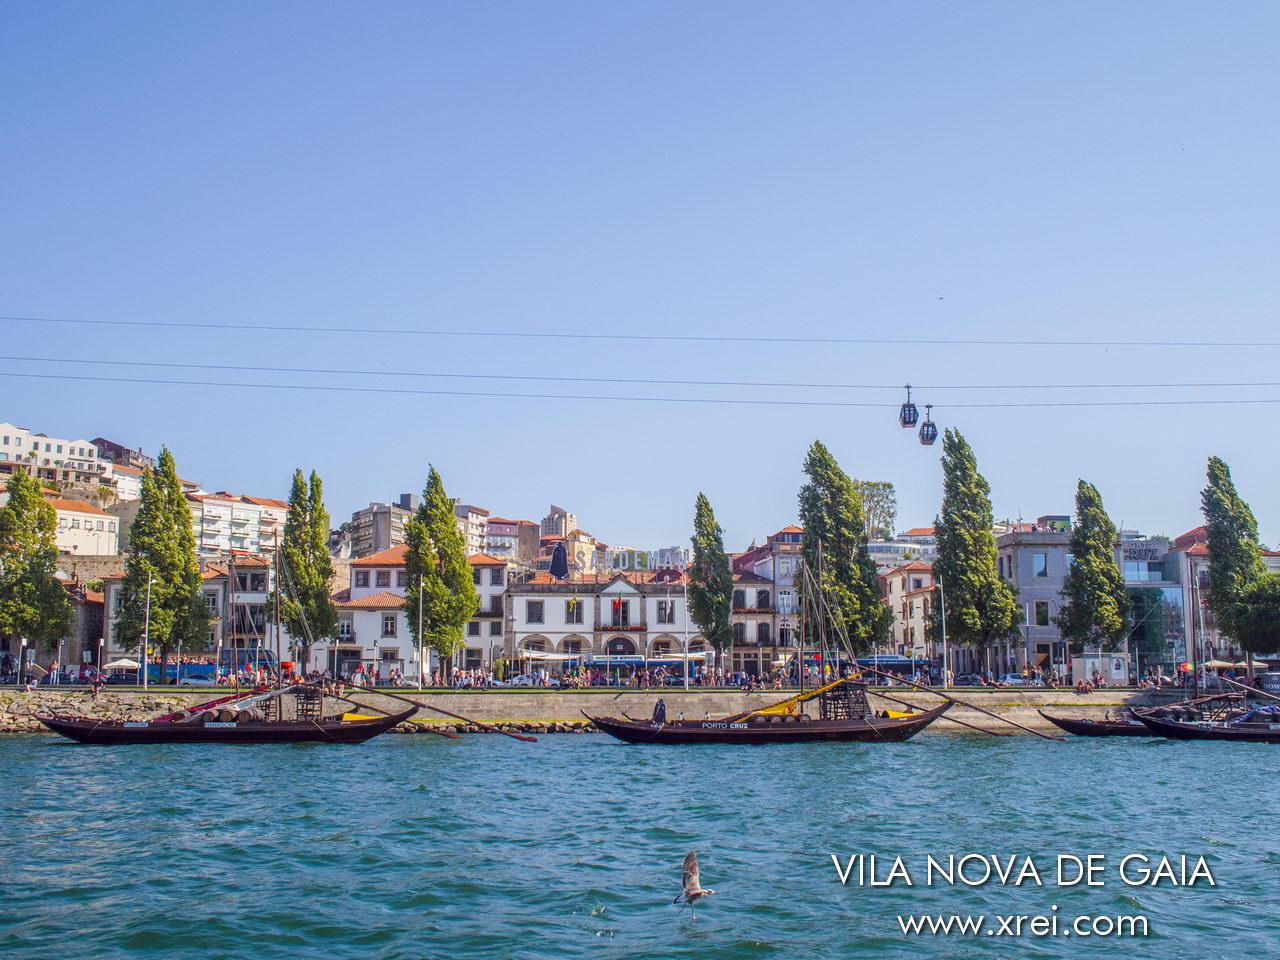 Vila Nova de Gaia, con las bodegas en la costa del río Duero, el teleférico y los barcos Rabelo, la embarcación típica portuguesa en el río Duero que tradicionalmente transportaba las cometas de Port Douro desde el Alto Douro. Actualmente, las empresas turísticas están disponibles para viajes turísticos con visitantes de la ciudad.